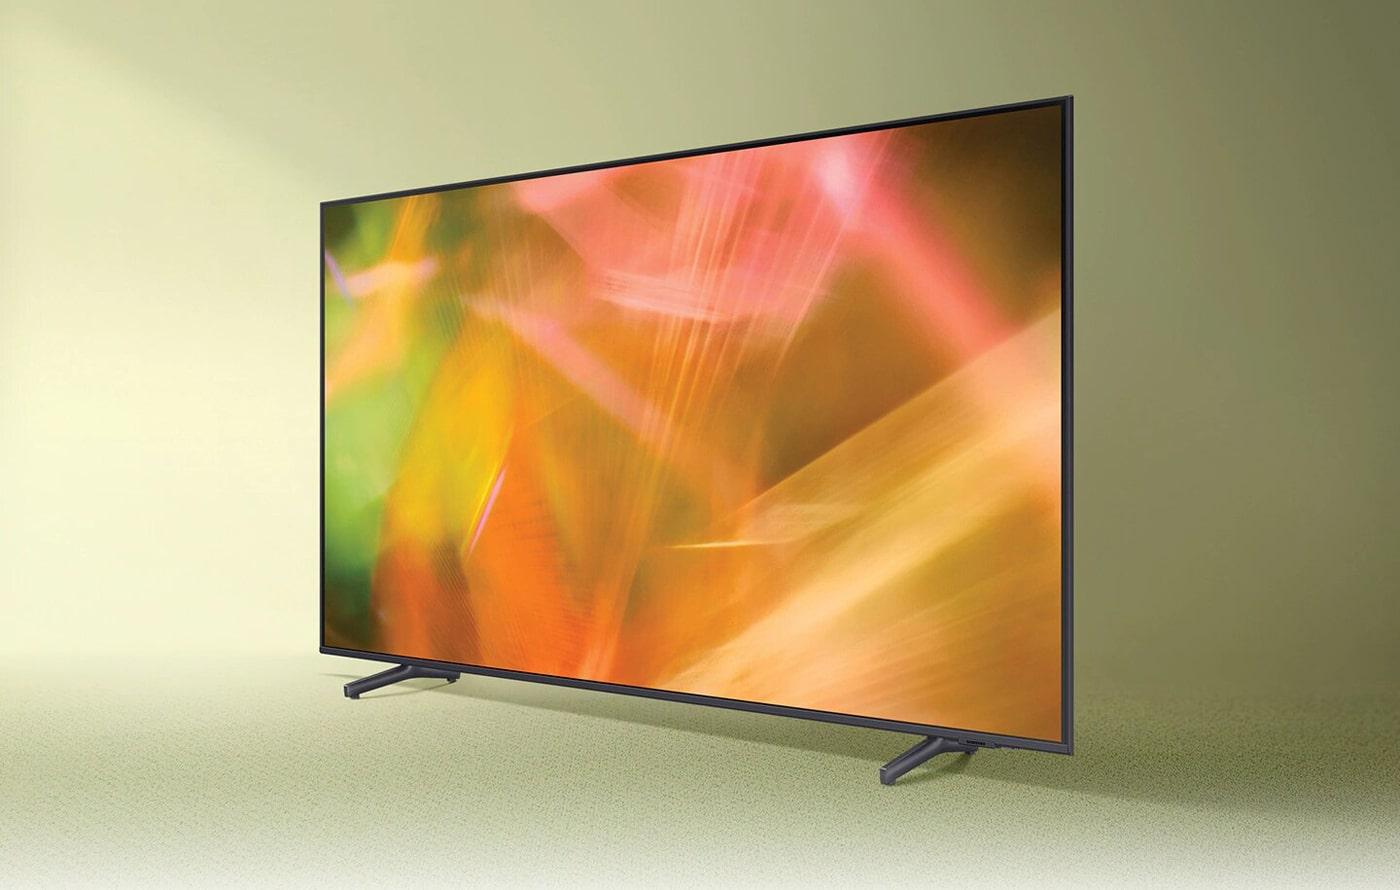 مشخصات تلویزیون سامسونگ 50AU8000 با کیفیت تصویر 4K